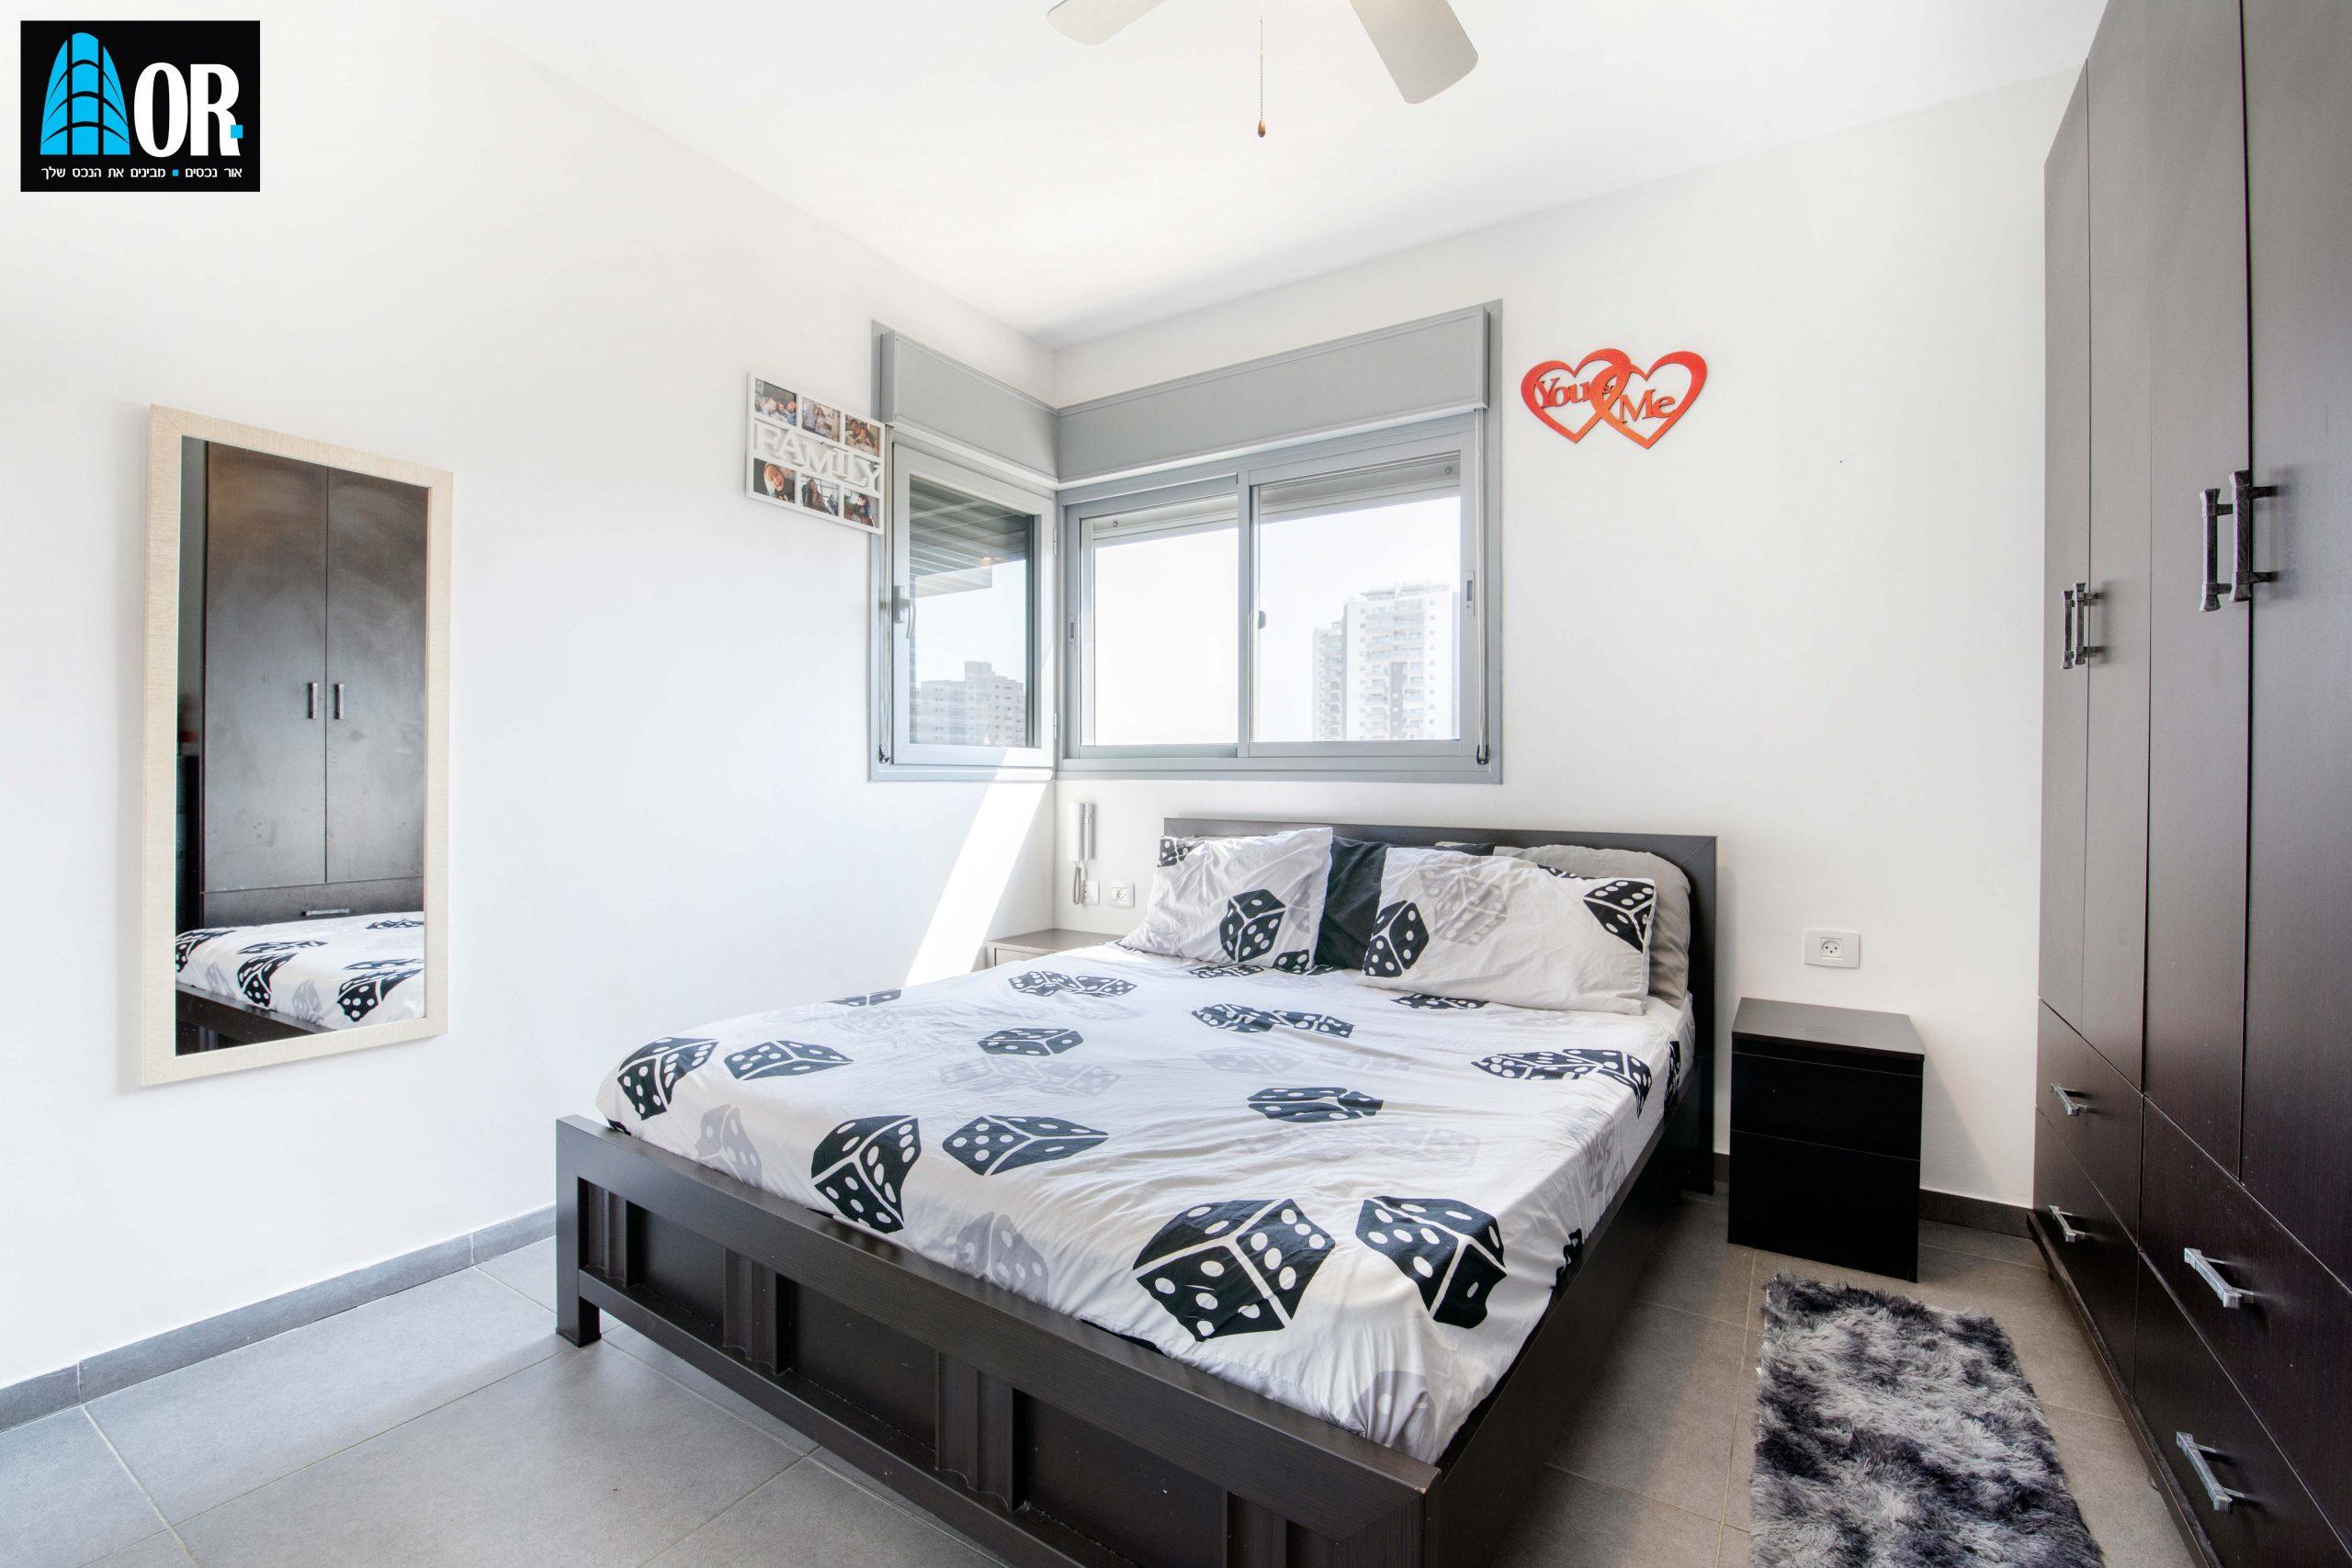 חדר ילדים דירה 4 חדרים שכונה צמרות